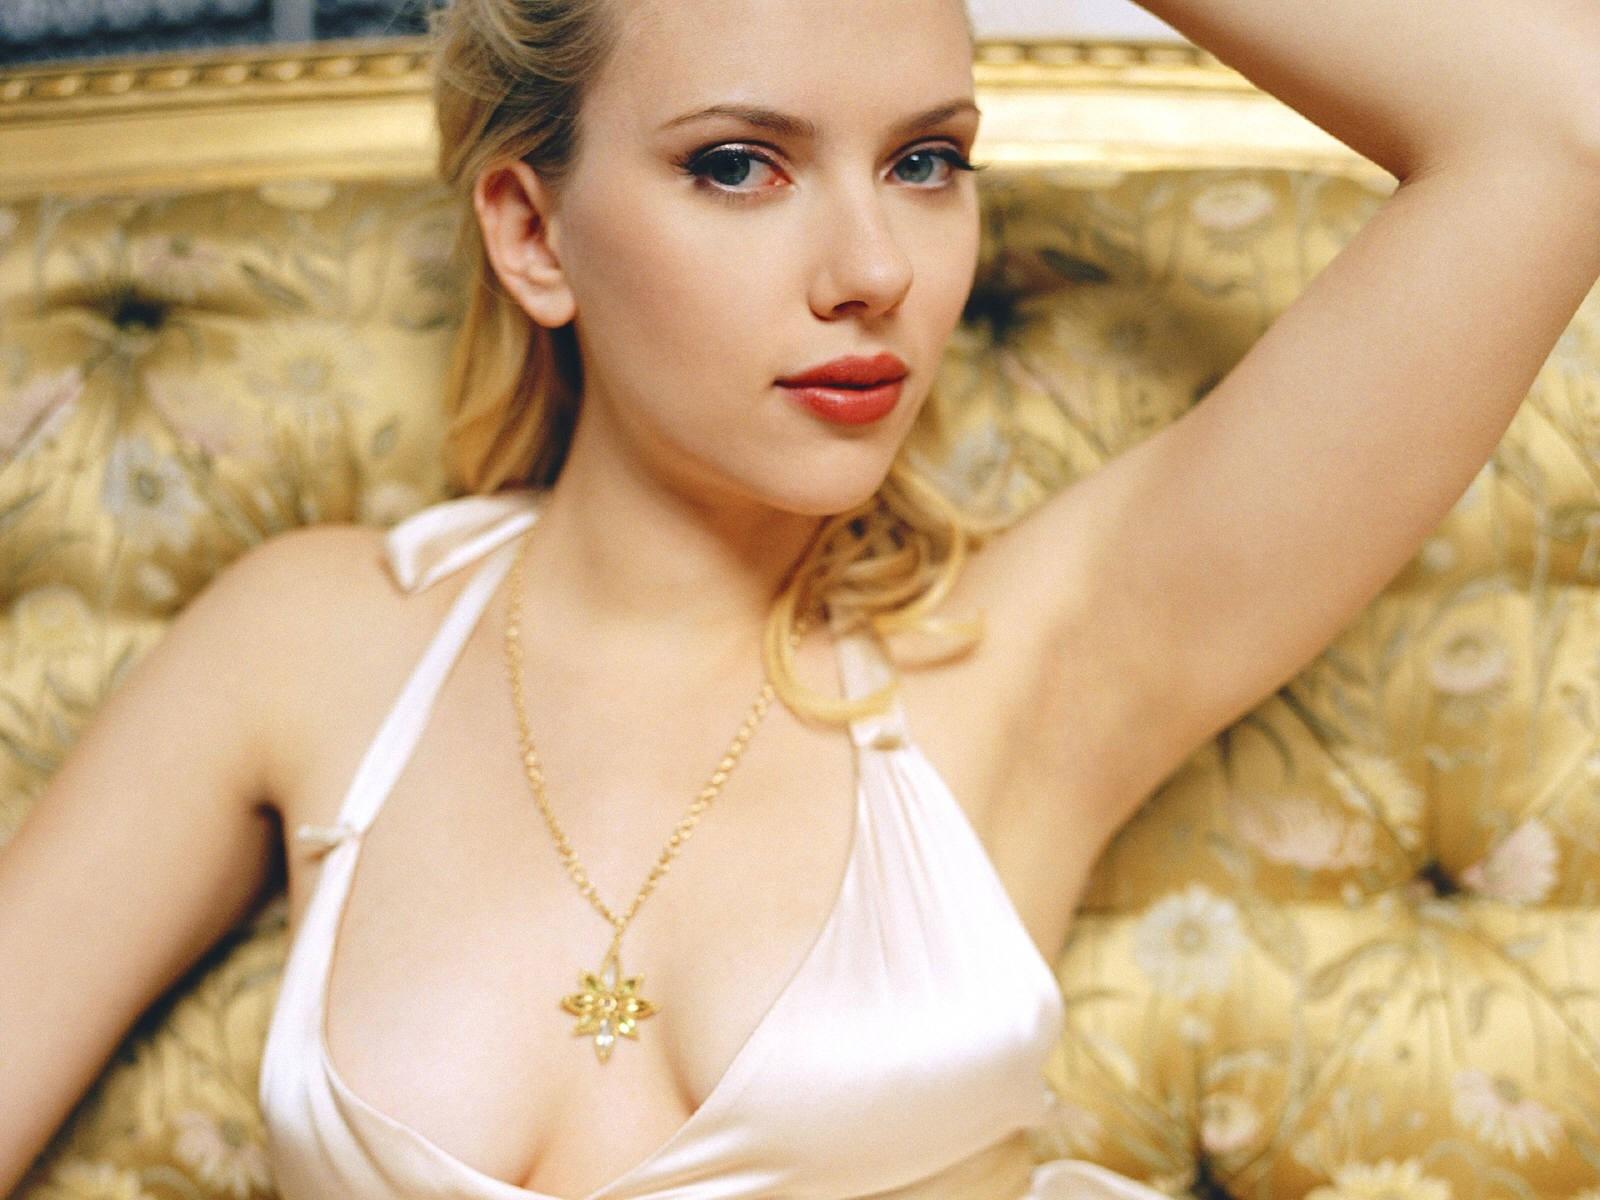 Wallpaper: decolletè vertiginoso e posa da diva per Scarlett Johansson